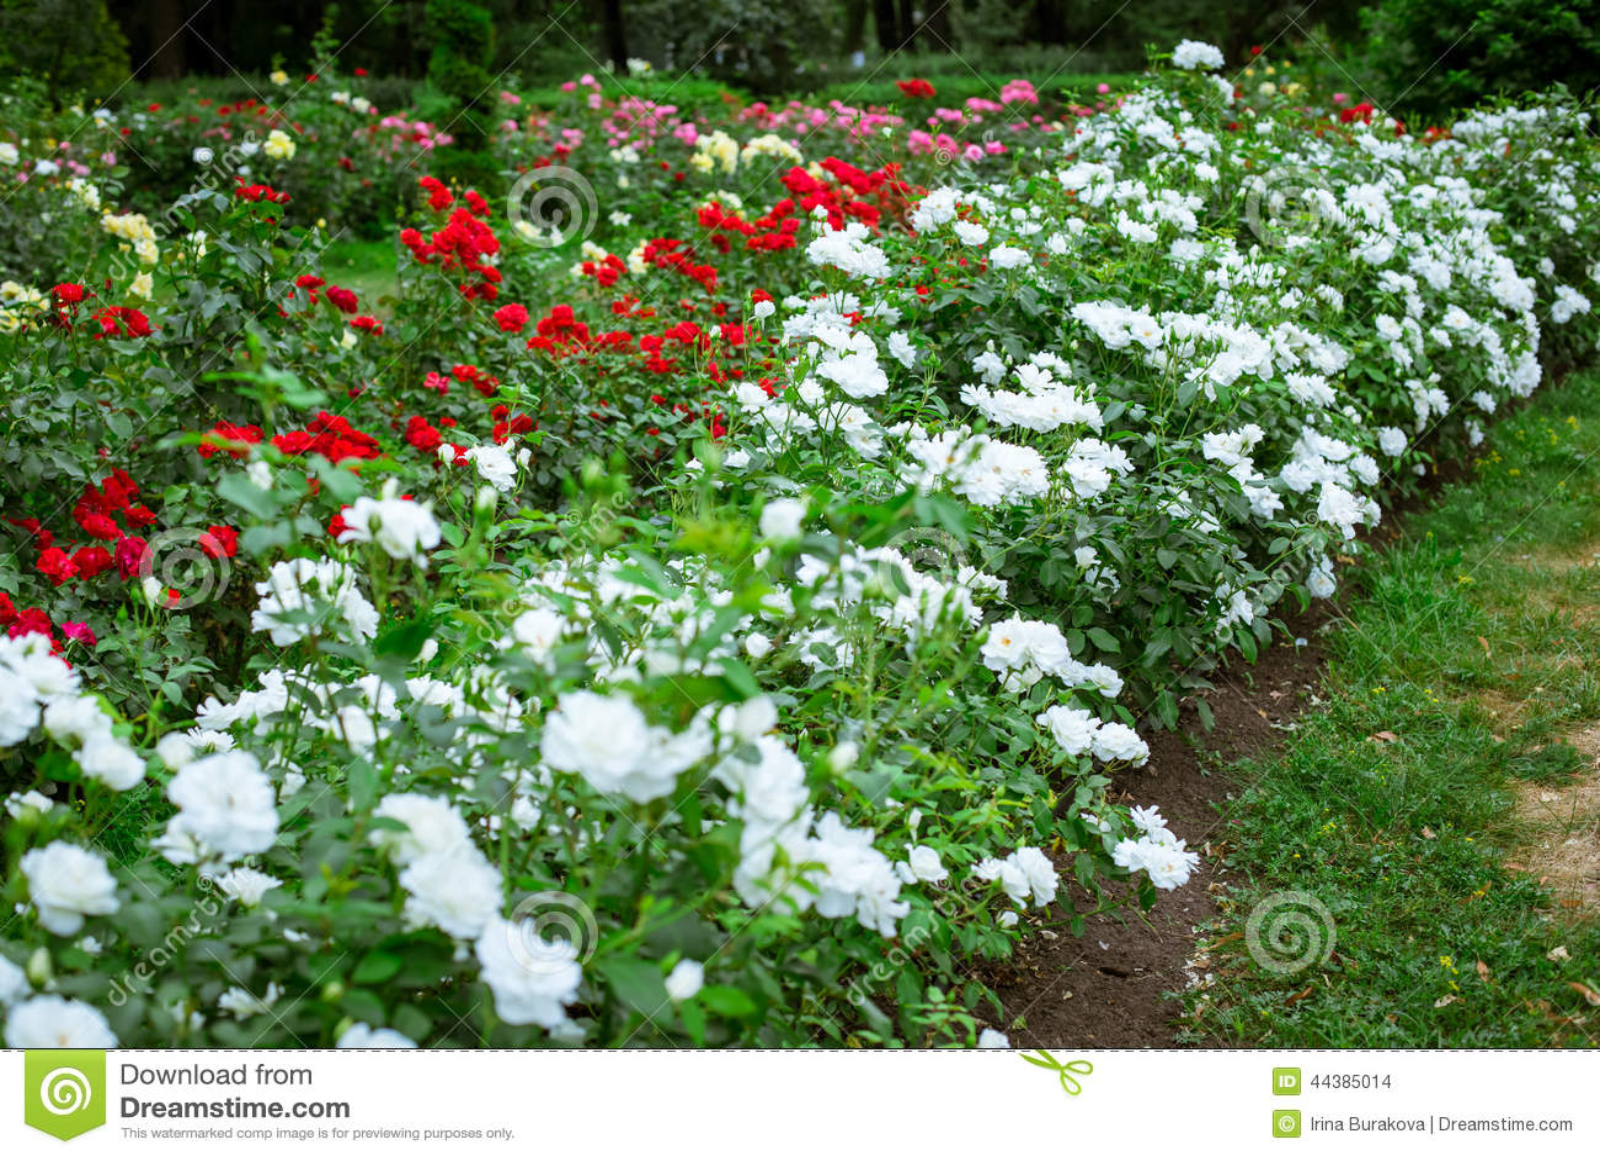 Rosas brancas e vermelhas no jardim foto de stock imagem for Cancion jardin de rosas